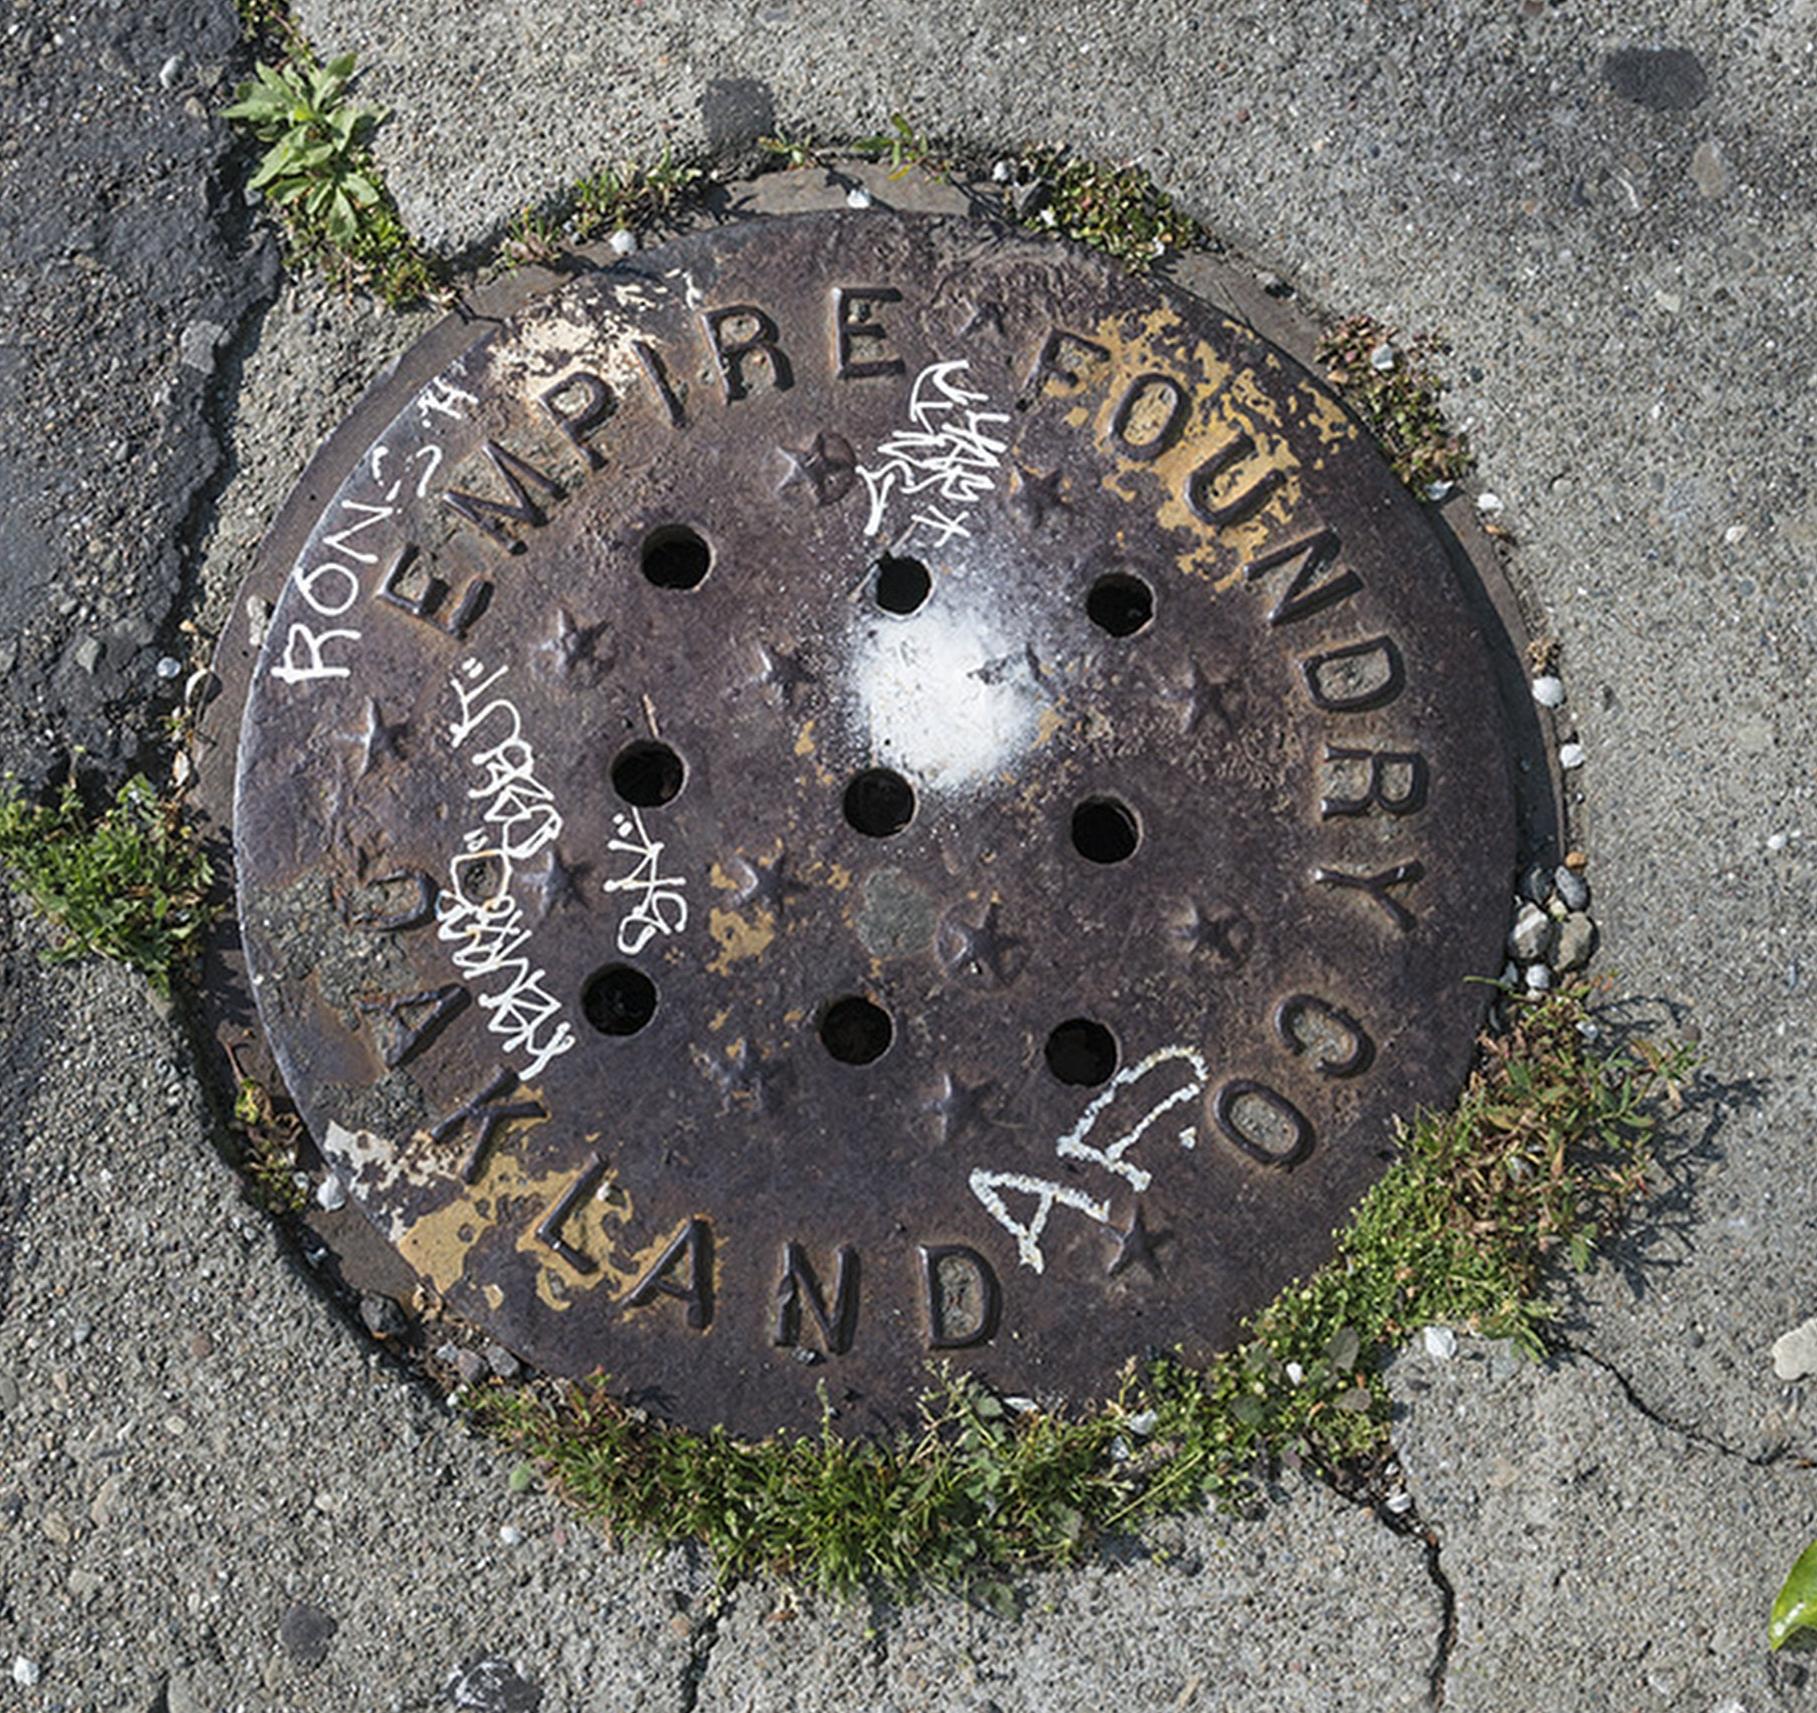 Oakland California USA